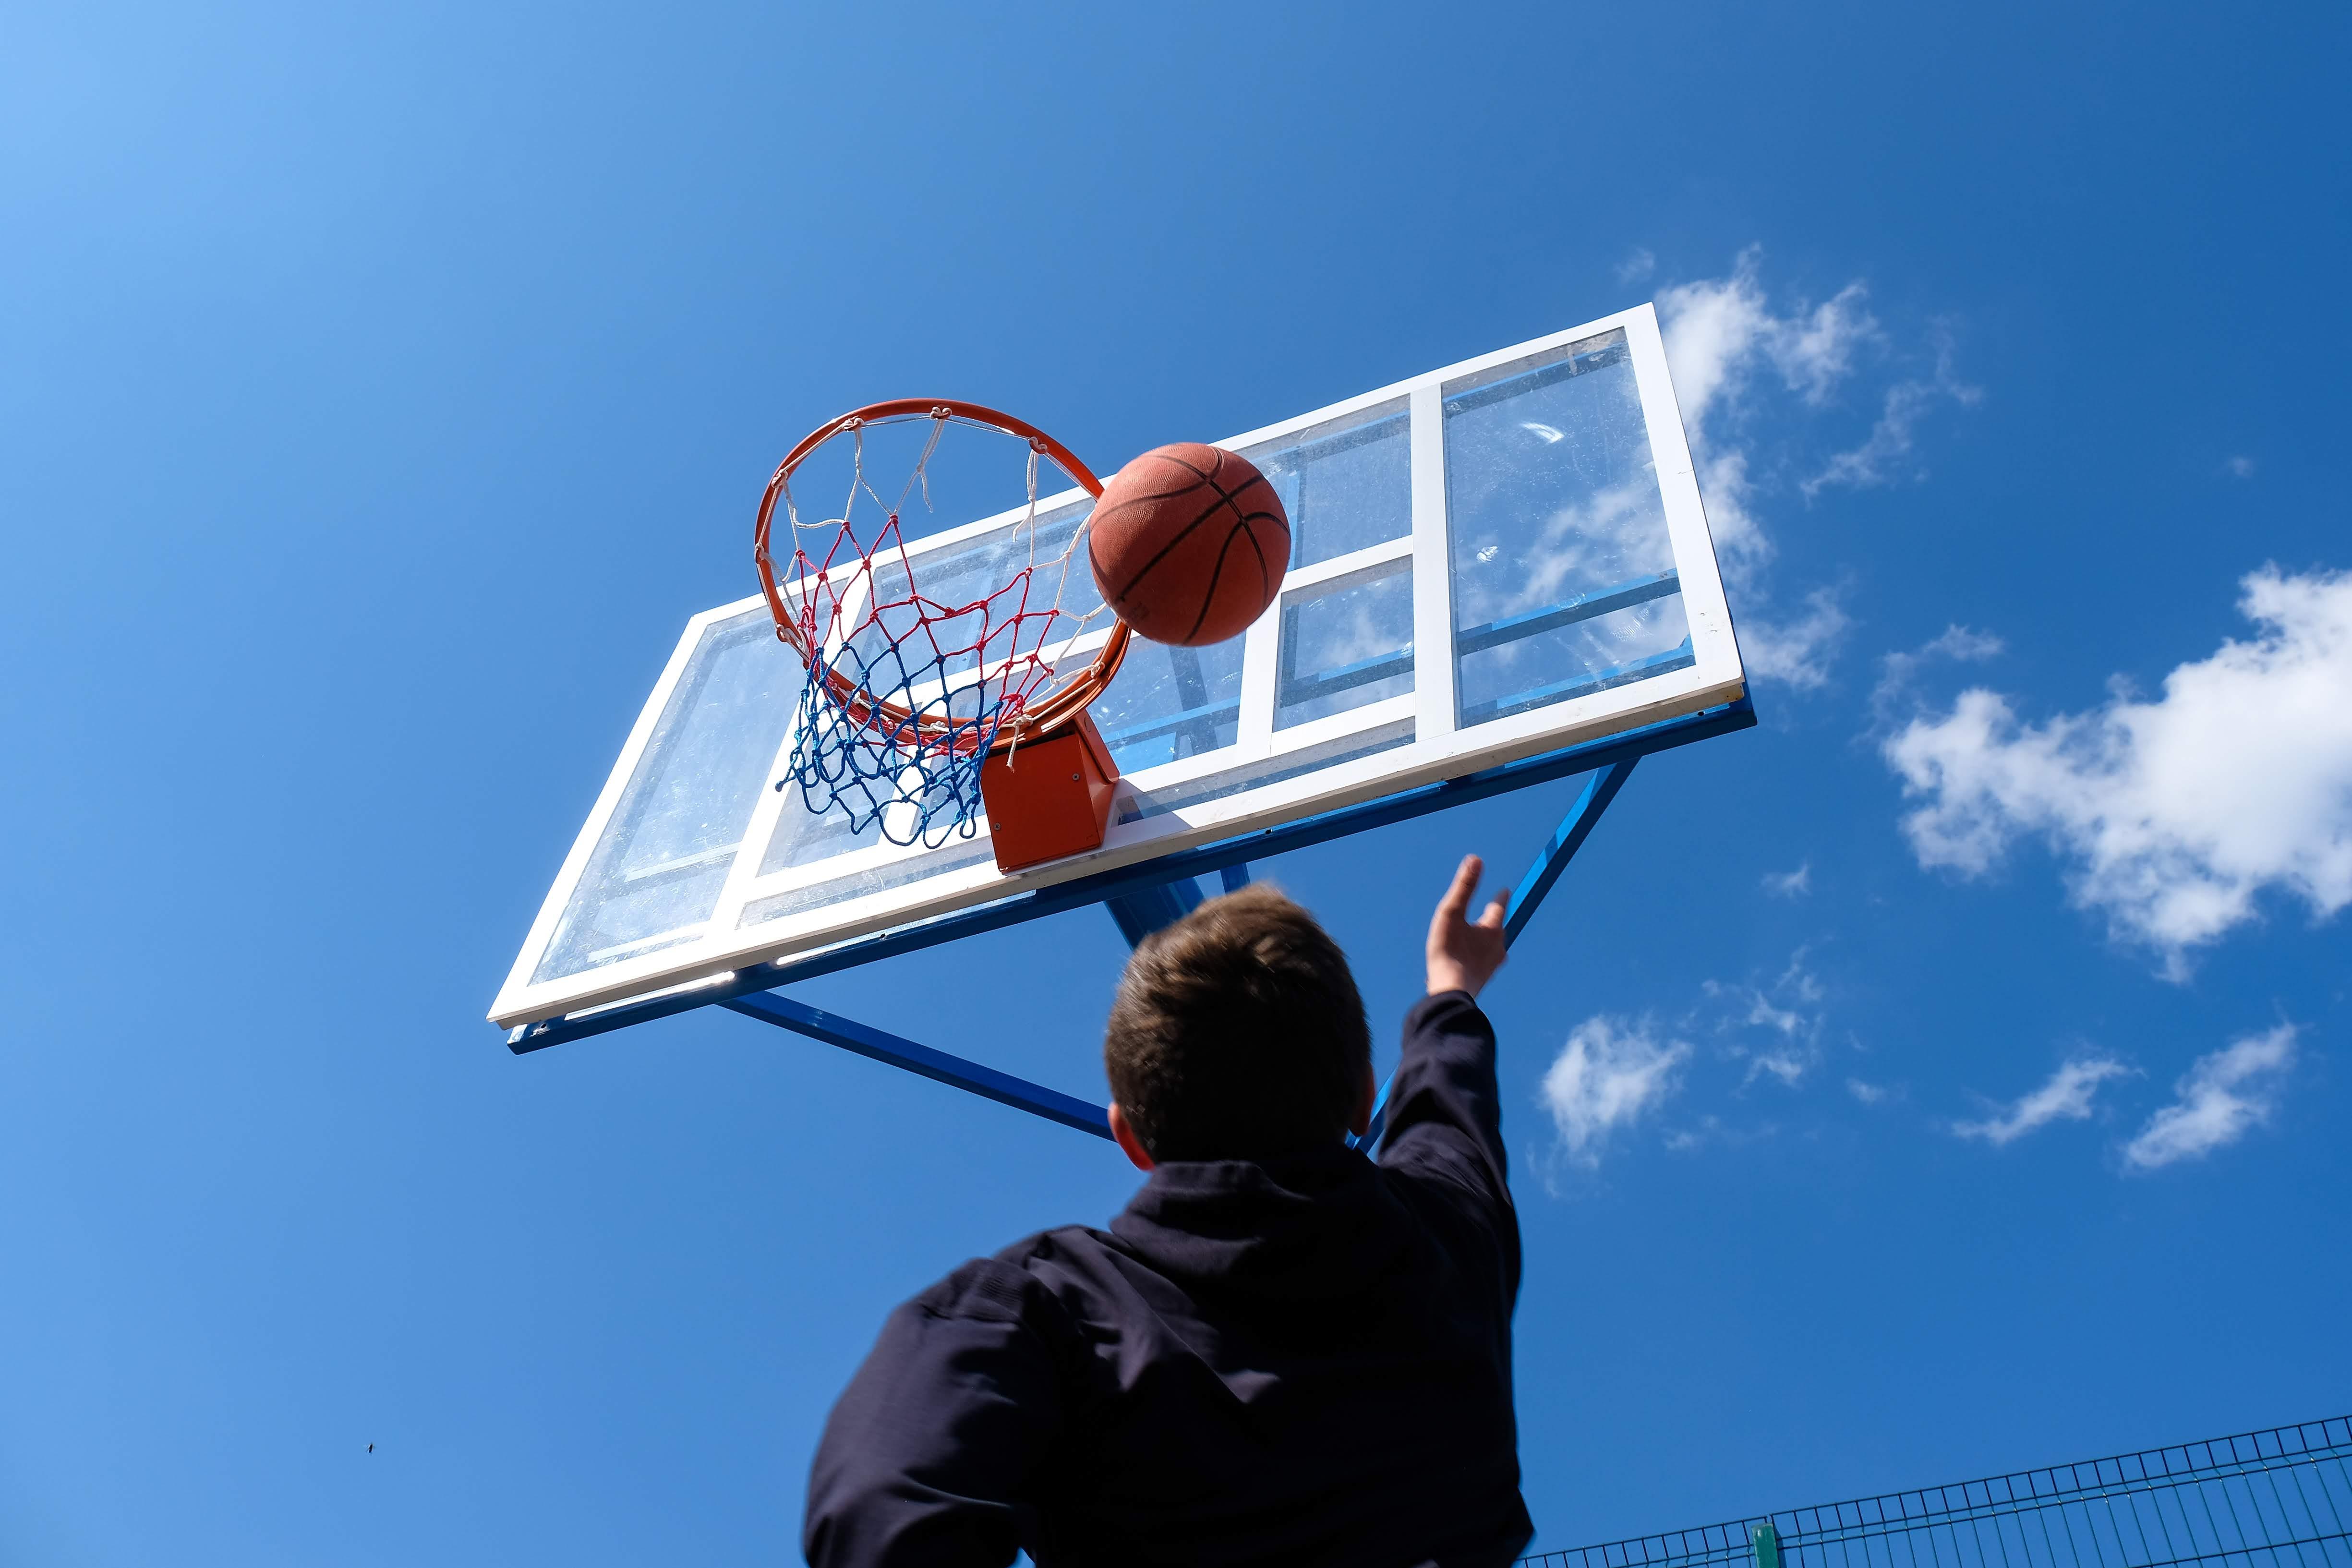 …баскетбольний майданчик…